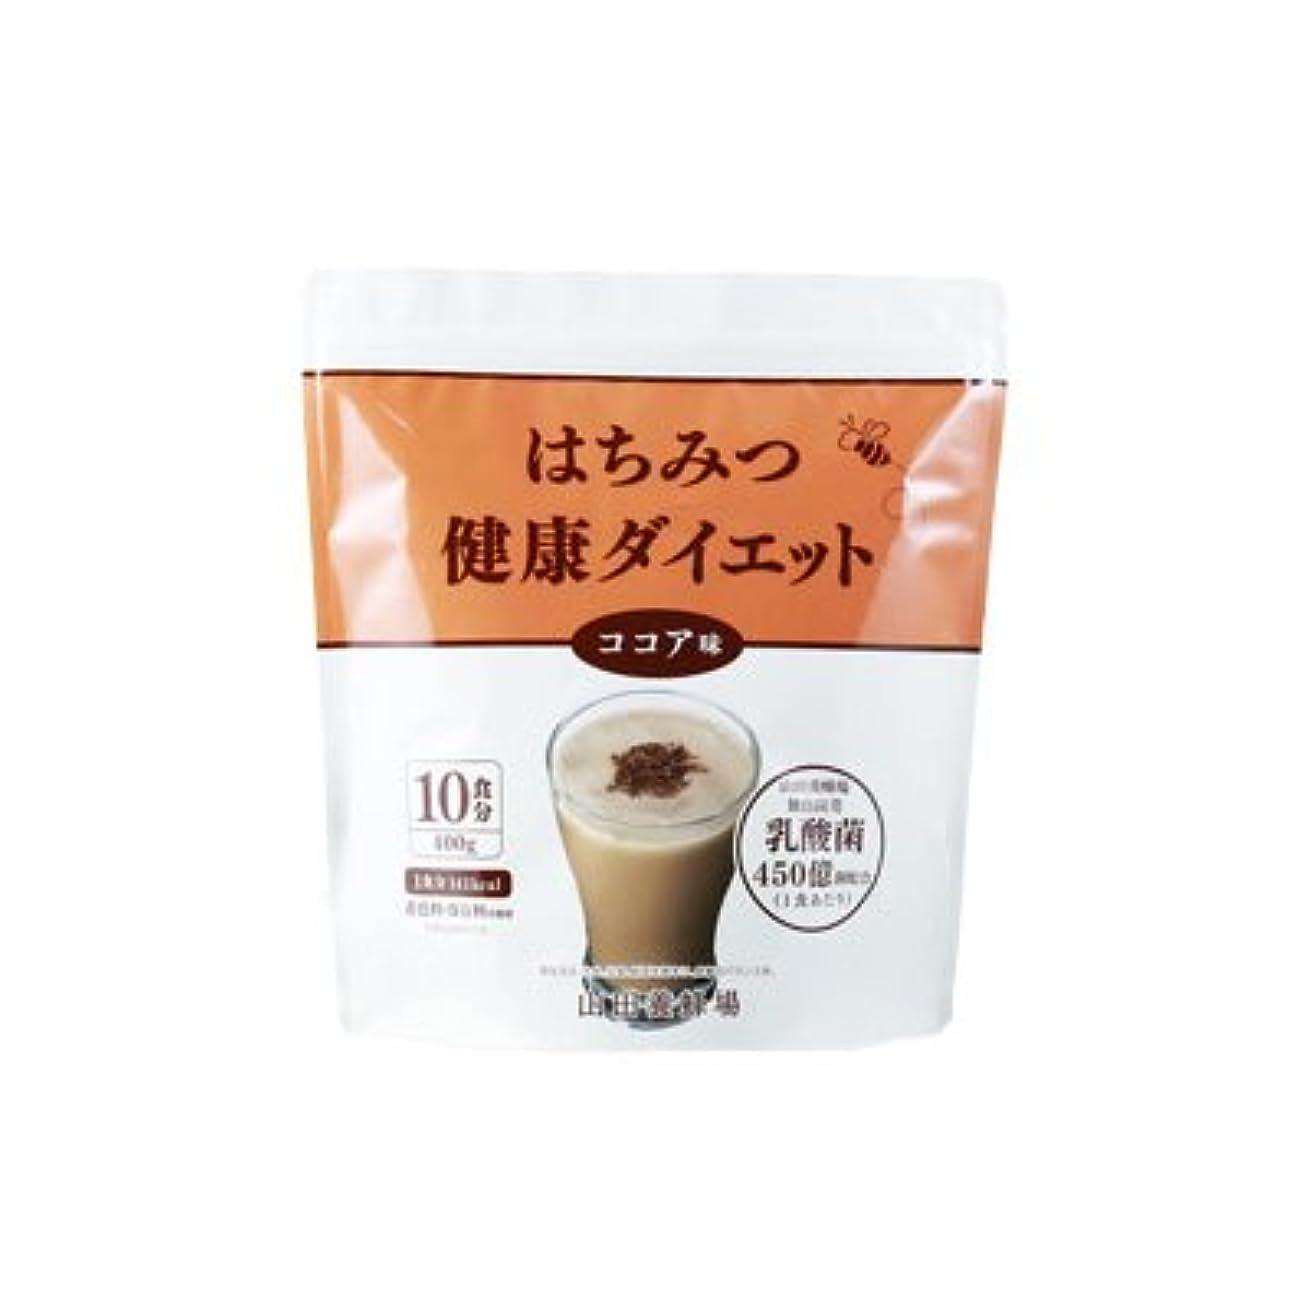 つかむ耐久自動的にはちみつ健康ダイエット 【ココア味】400g(10食分)